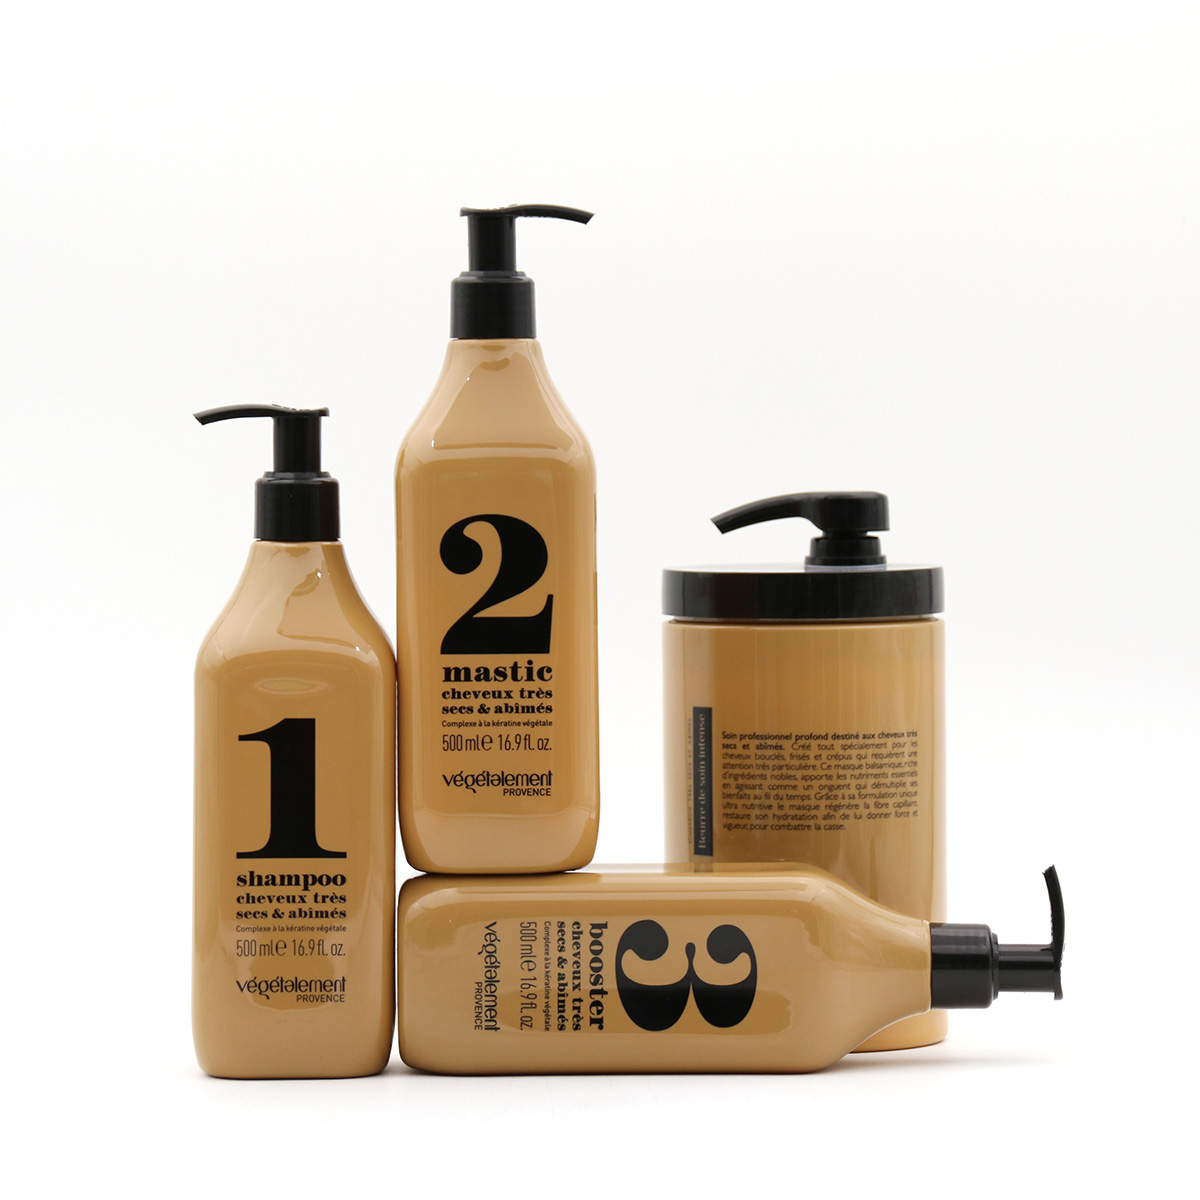 Protocole de soin professionnel à la kératine végétale pour cheveux afro by Végétalement Provence